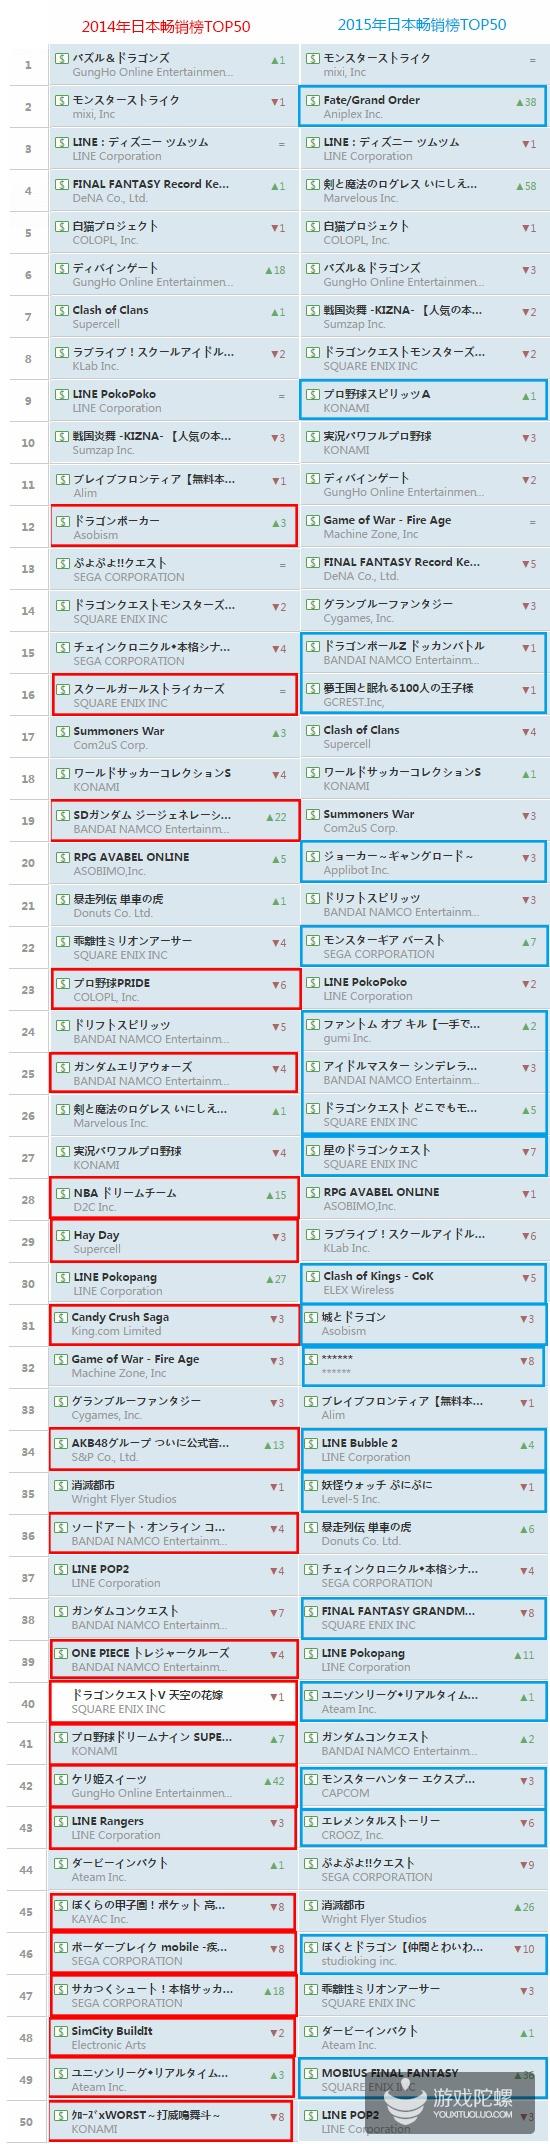 日本畅销榜:29款手游成功在Top50维持1年,中国仅2款突围